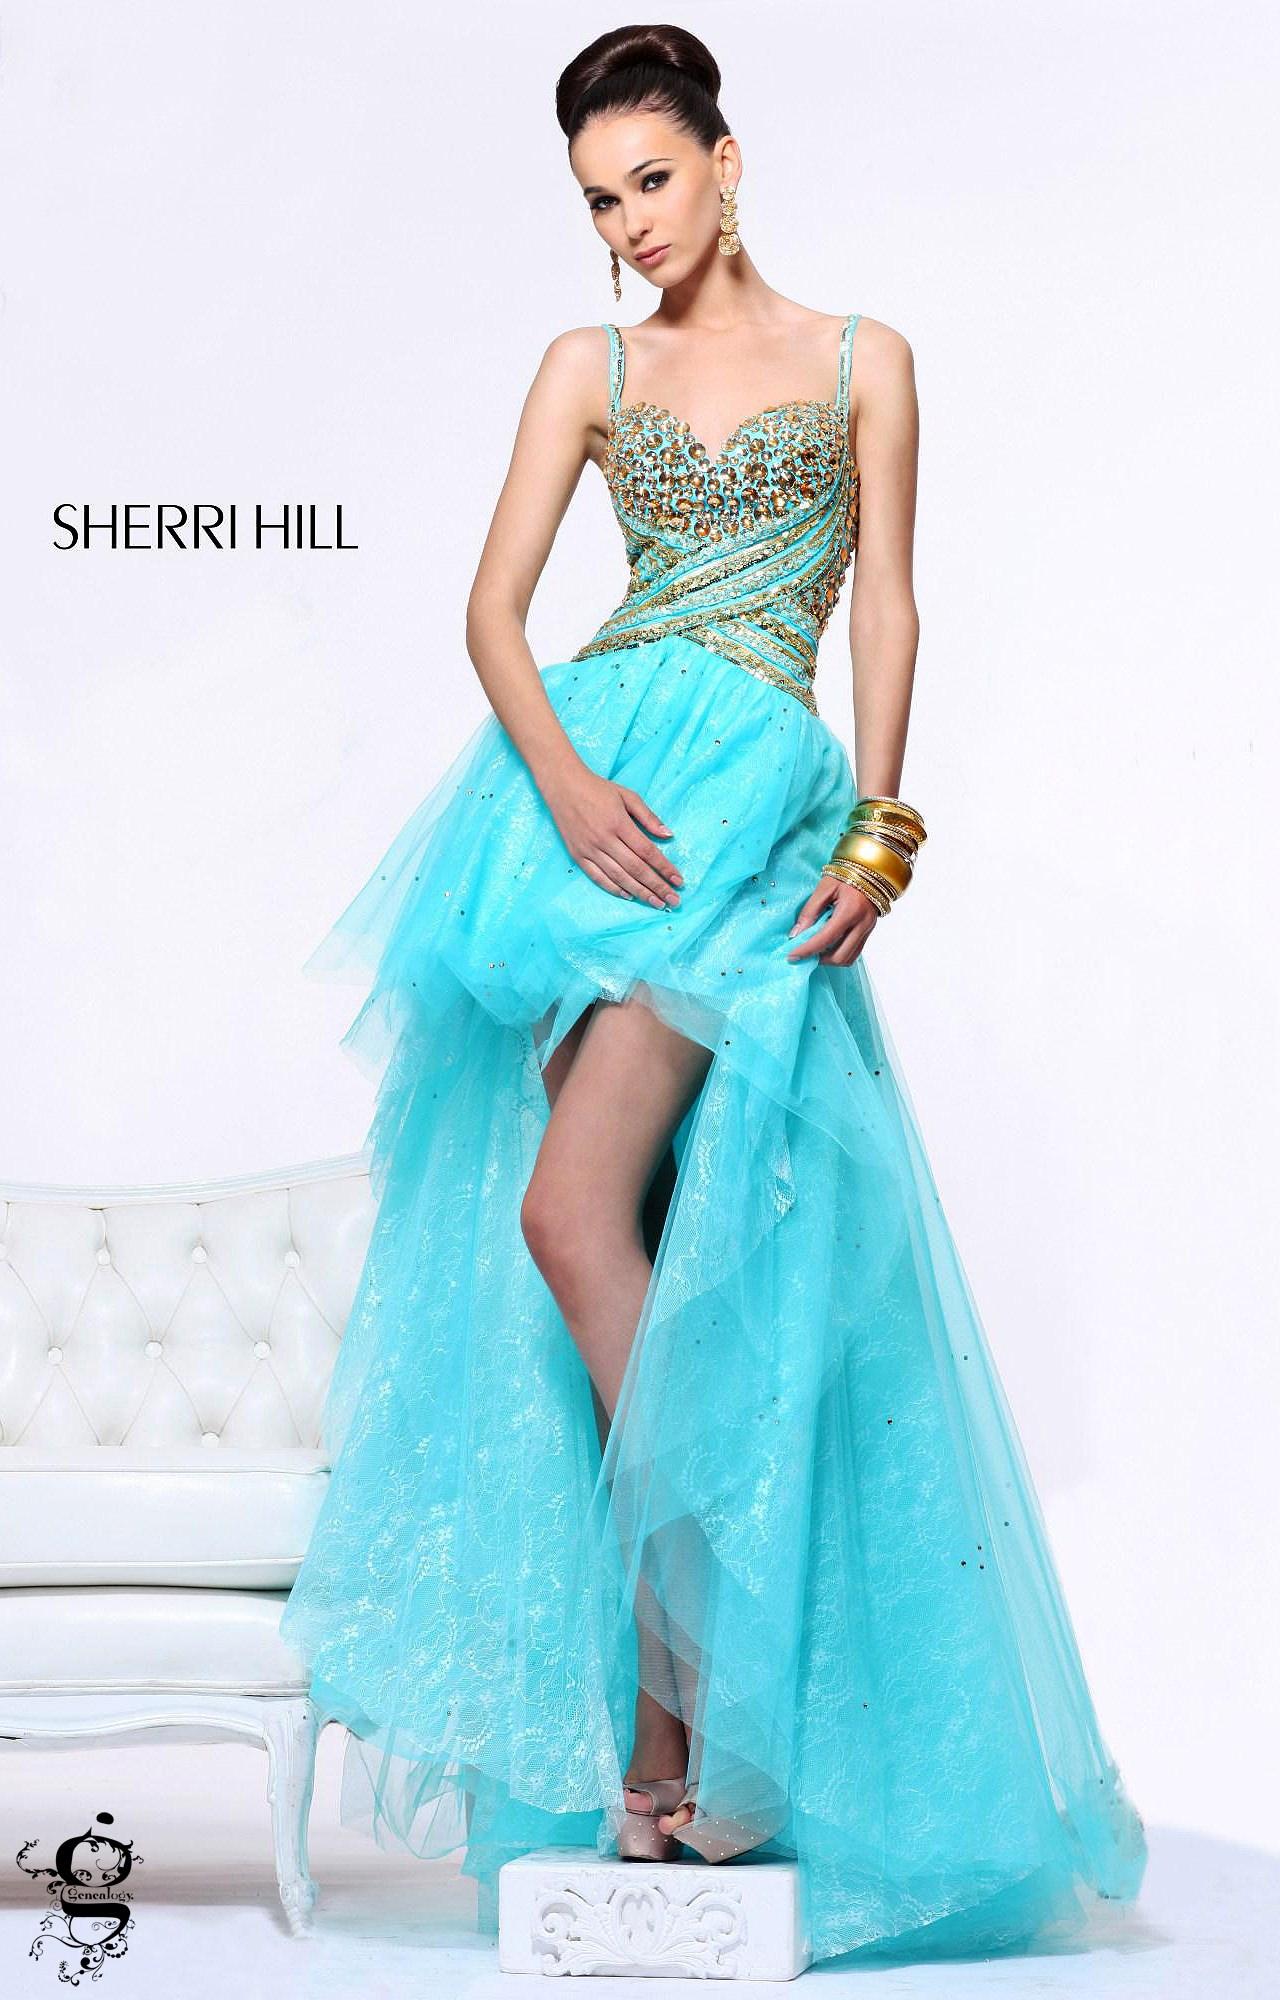 Sherri Hill 21168 - Formal Evening Prom Dress